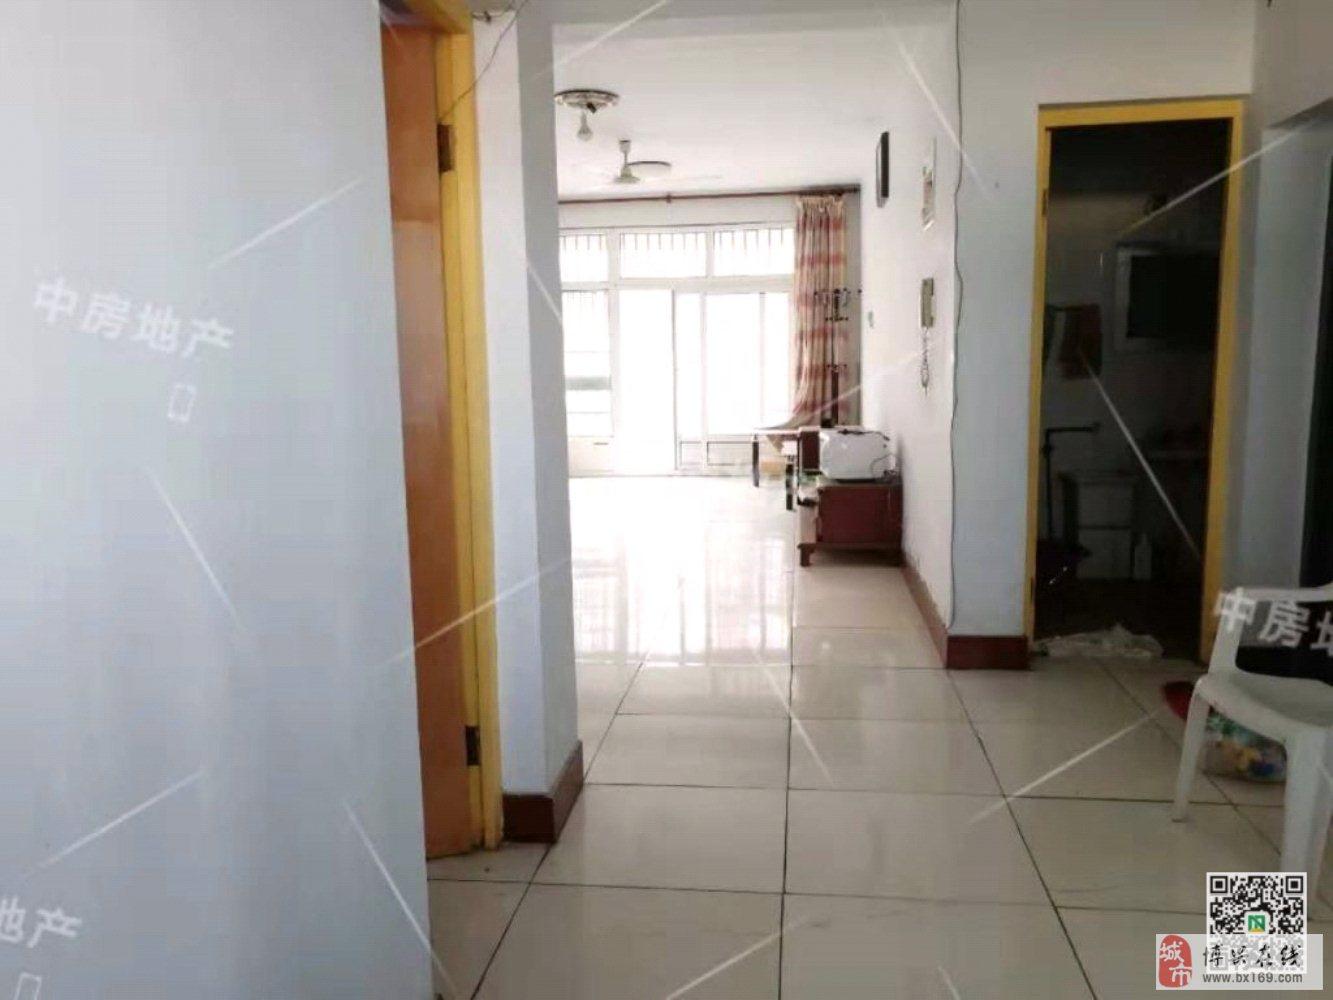 世纪明珠花园3室2厅2卫88万元